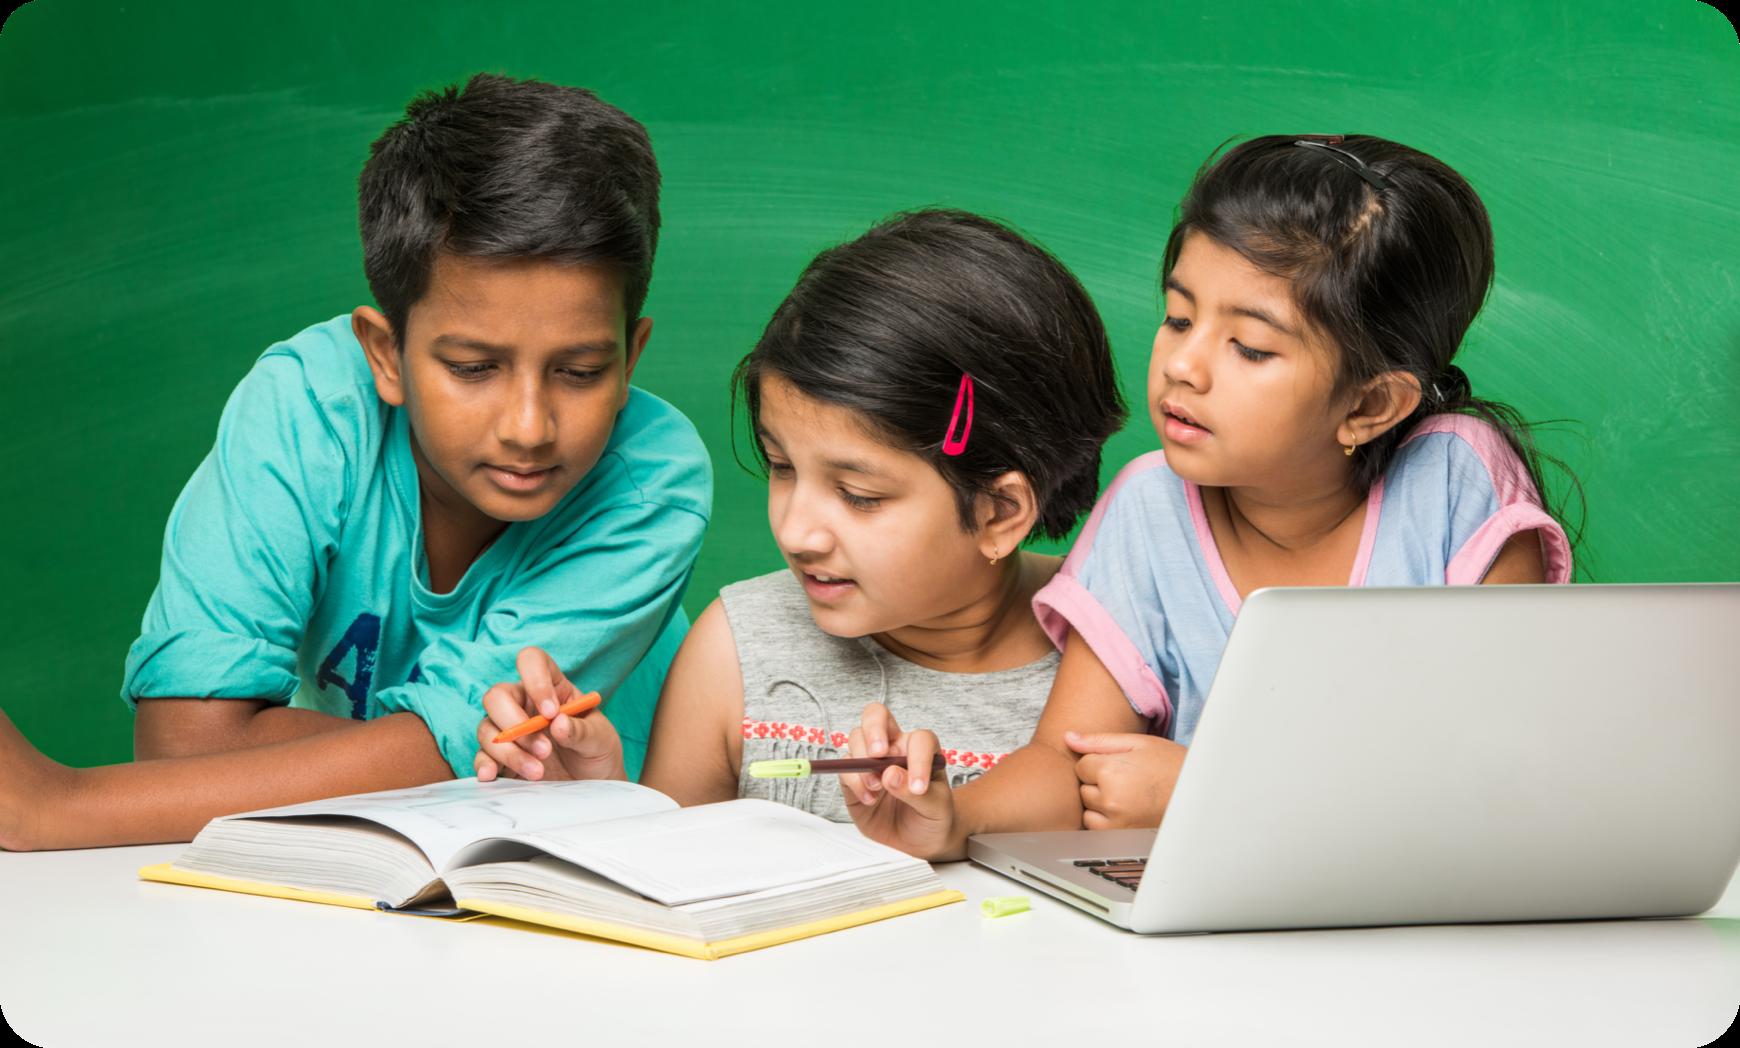 Kids-Studying-TALi-Health